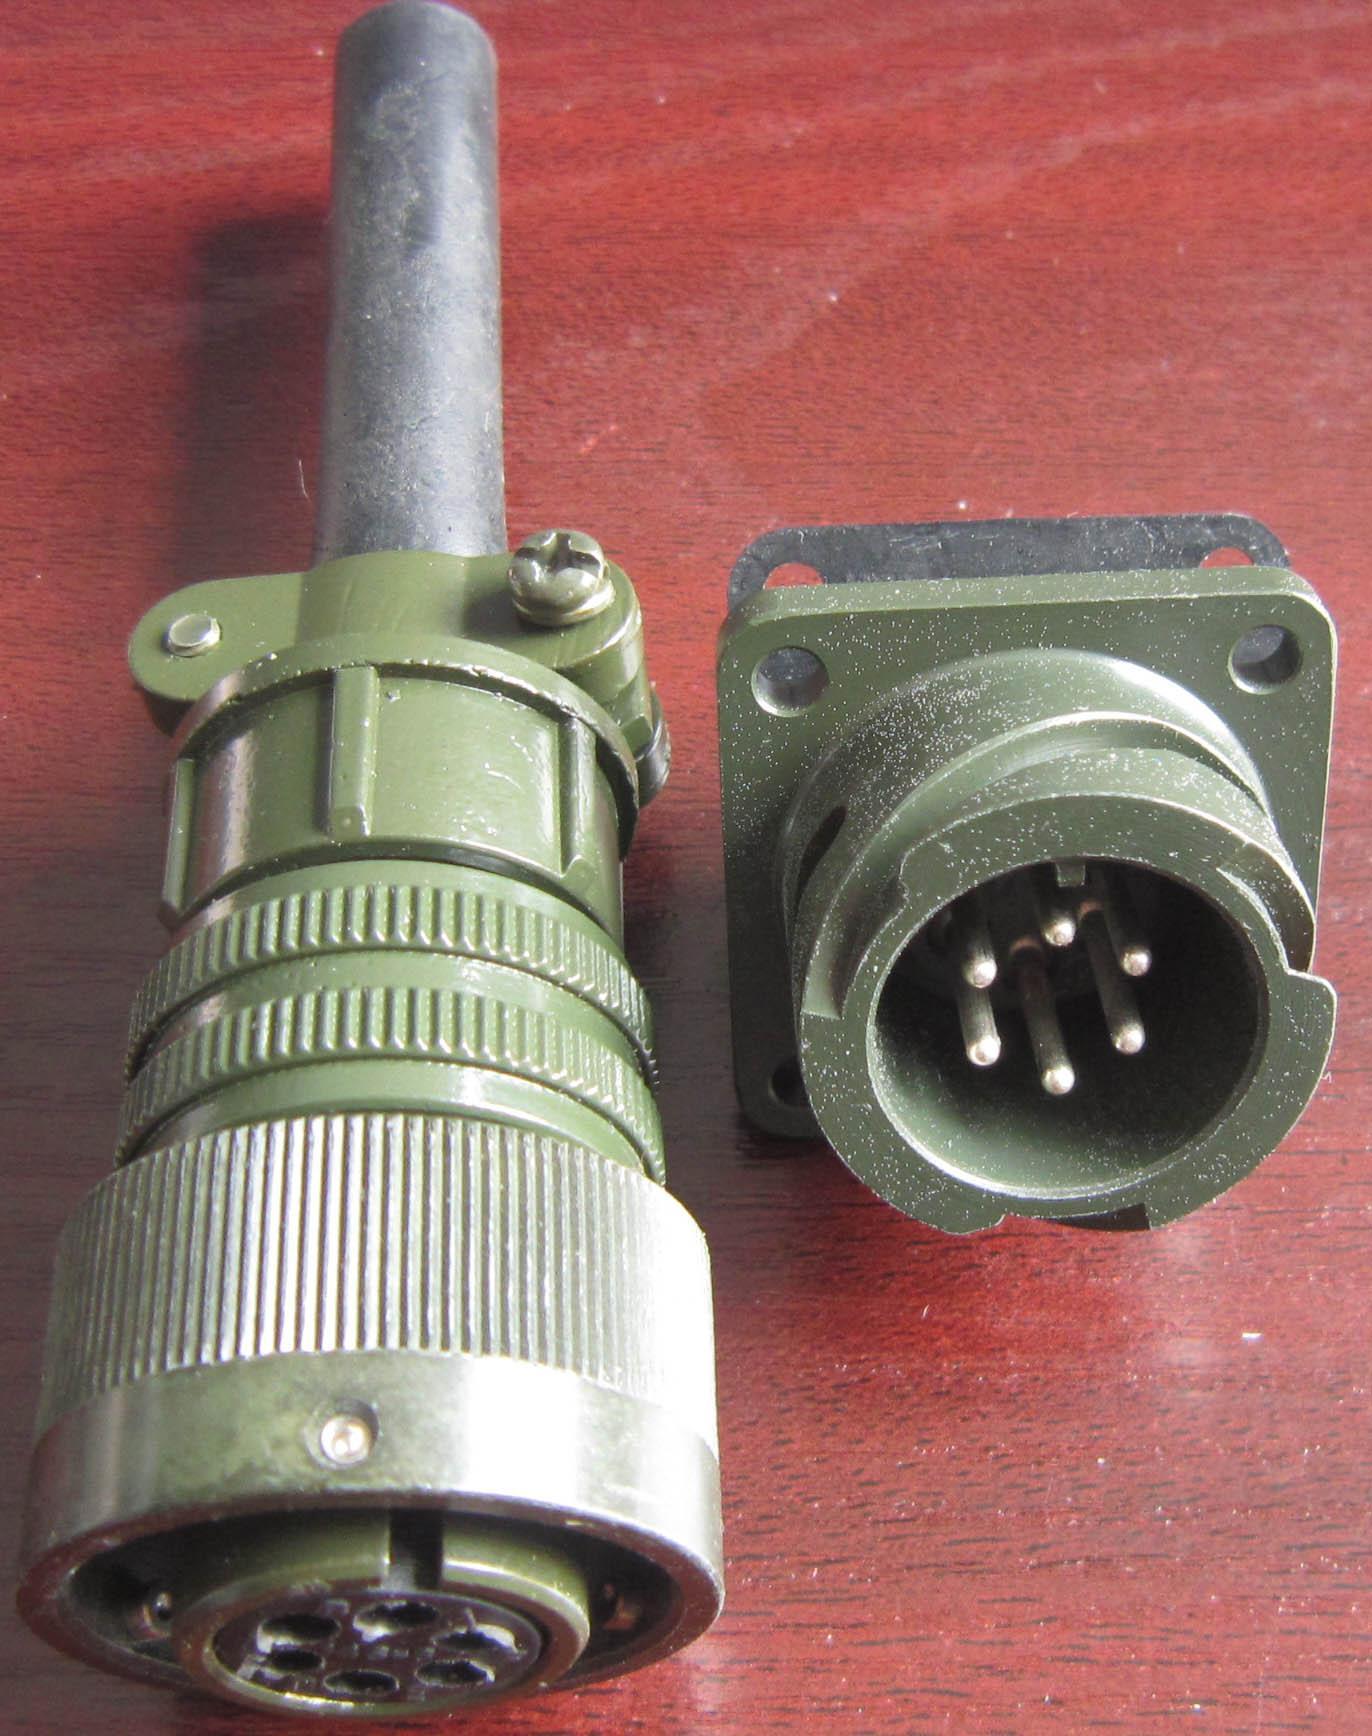 卡口插拔电连接器,航空插头 3